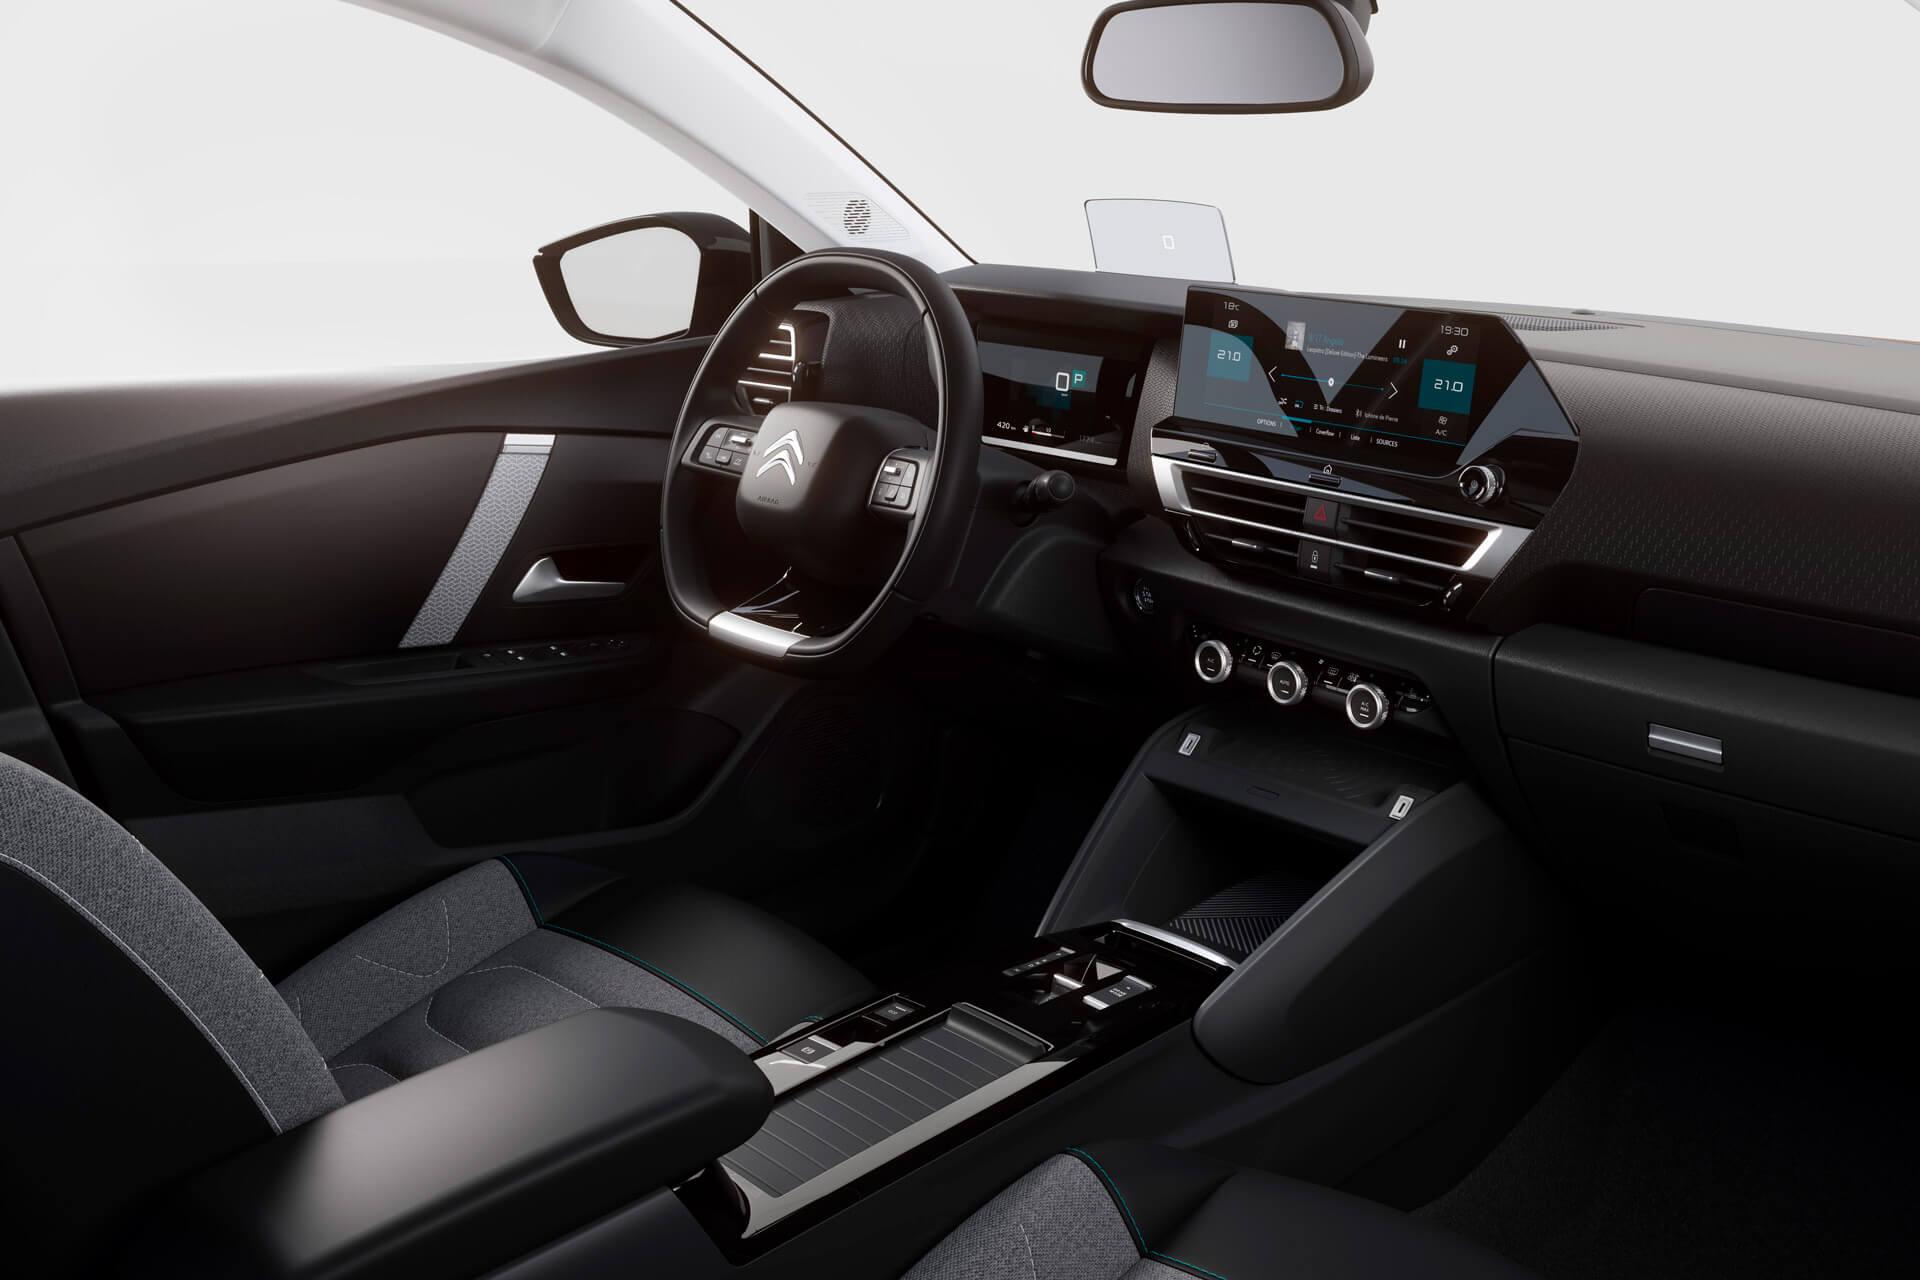 Ny Citroën C4 kabine